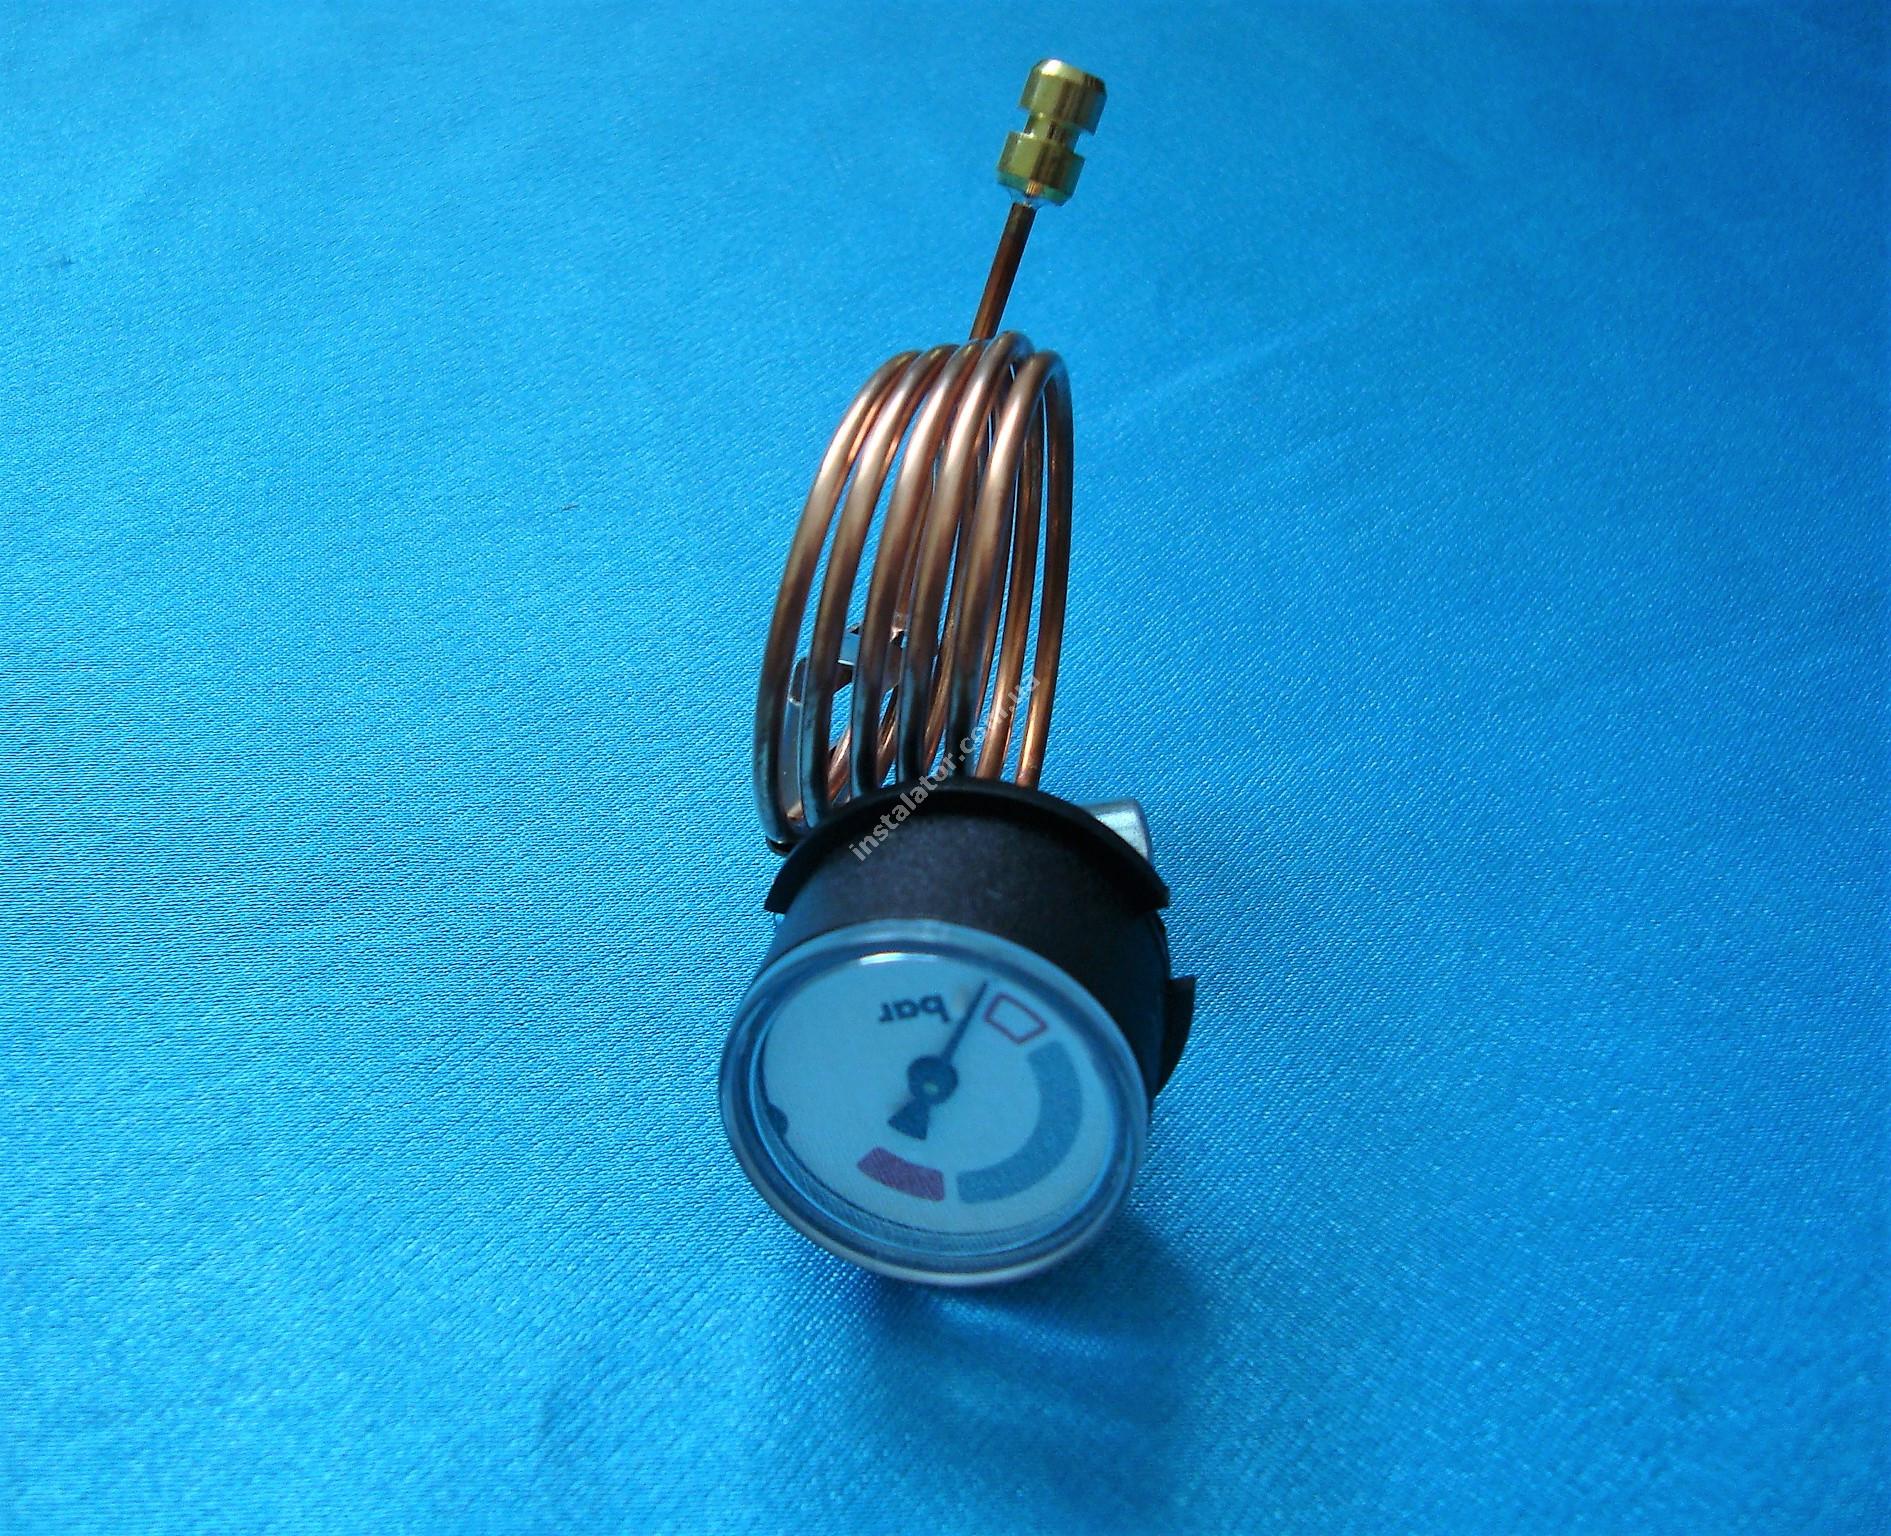 180982 Манометр VAILLANT АtmoTEC Pro, Turbo TEC pro, АtmoTEC plus, Turbo TEC plus